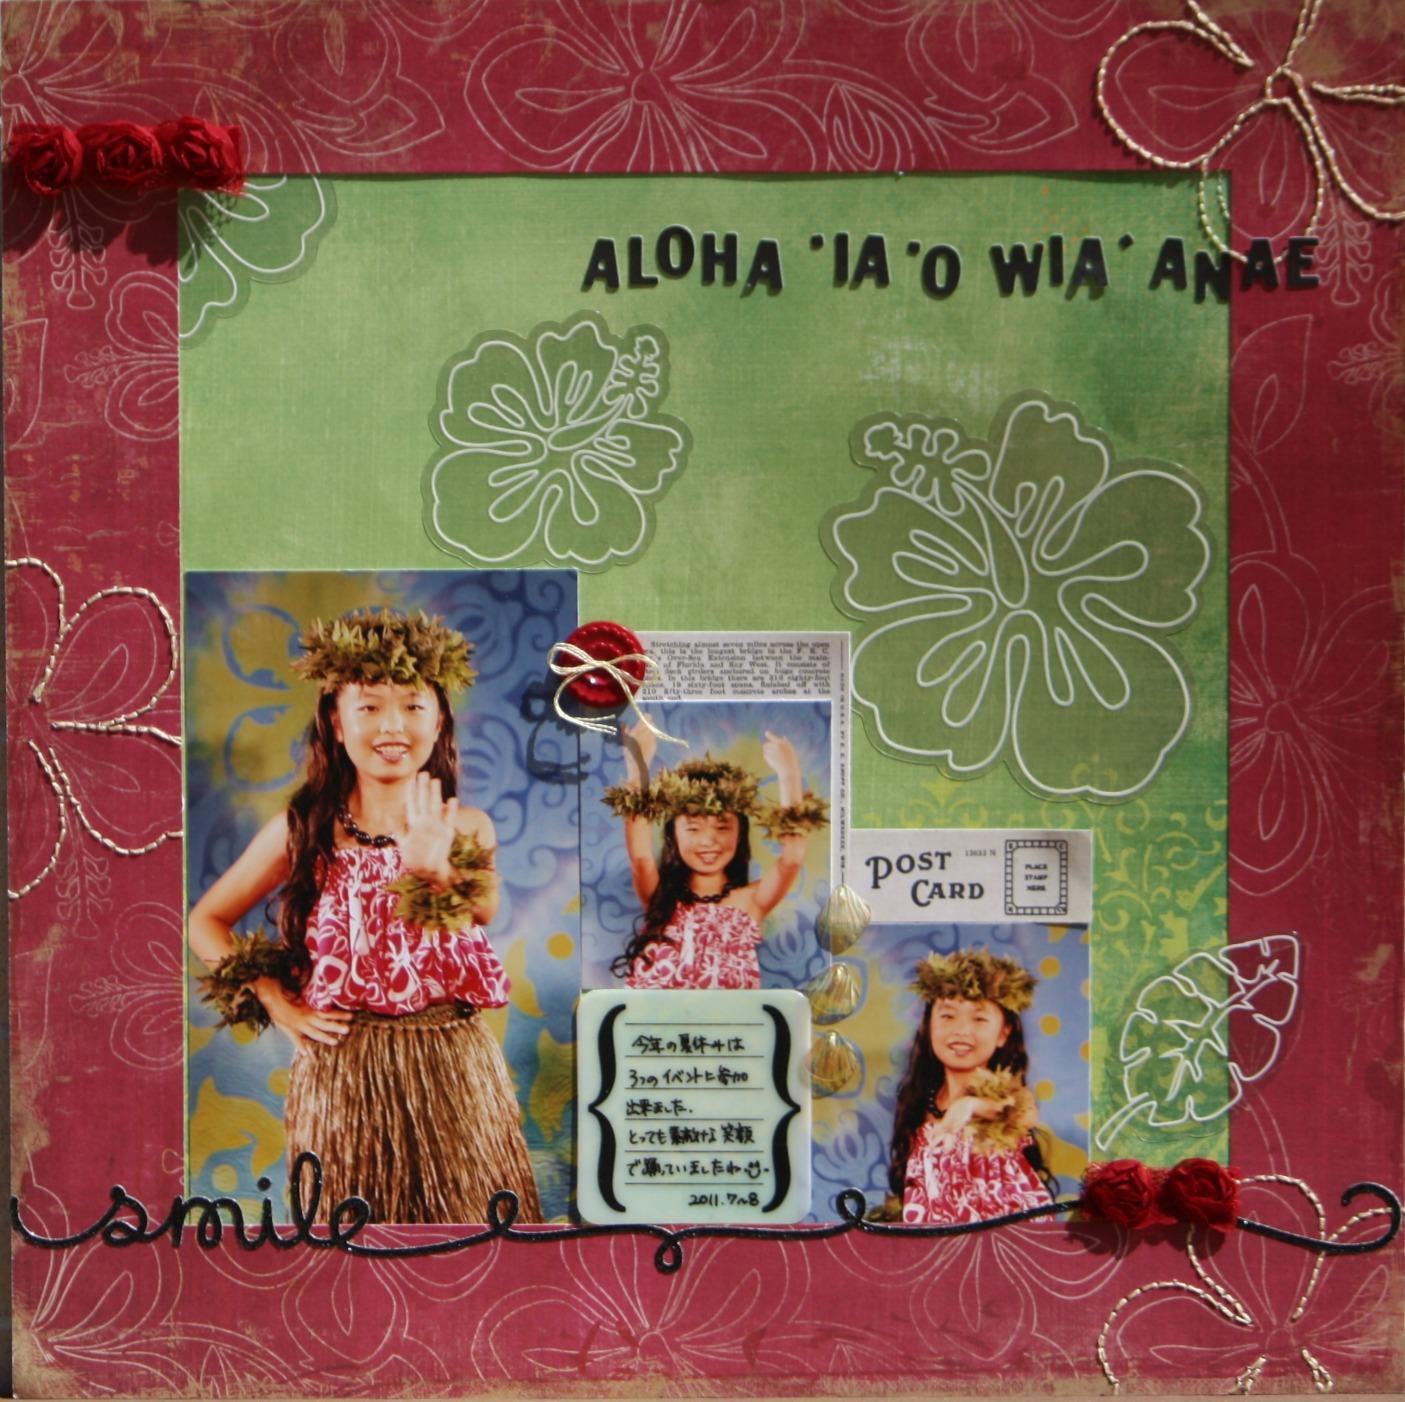 Aloha_iao_waiaanae